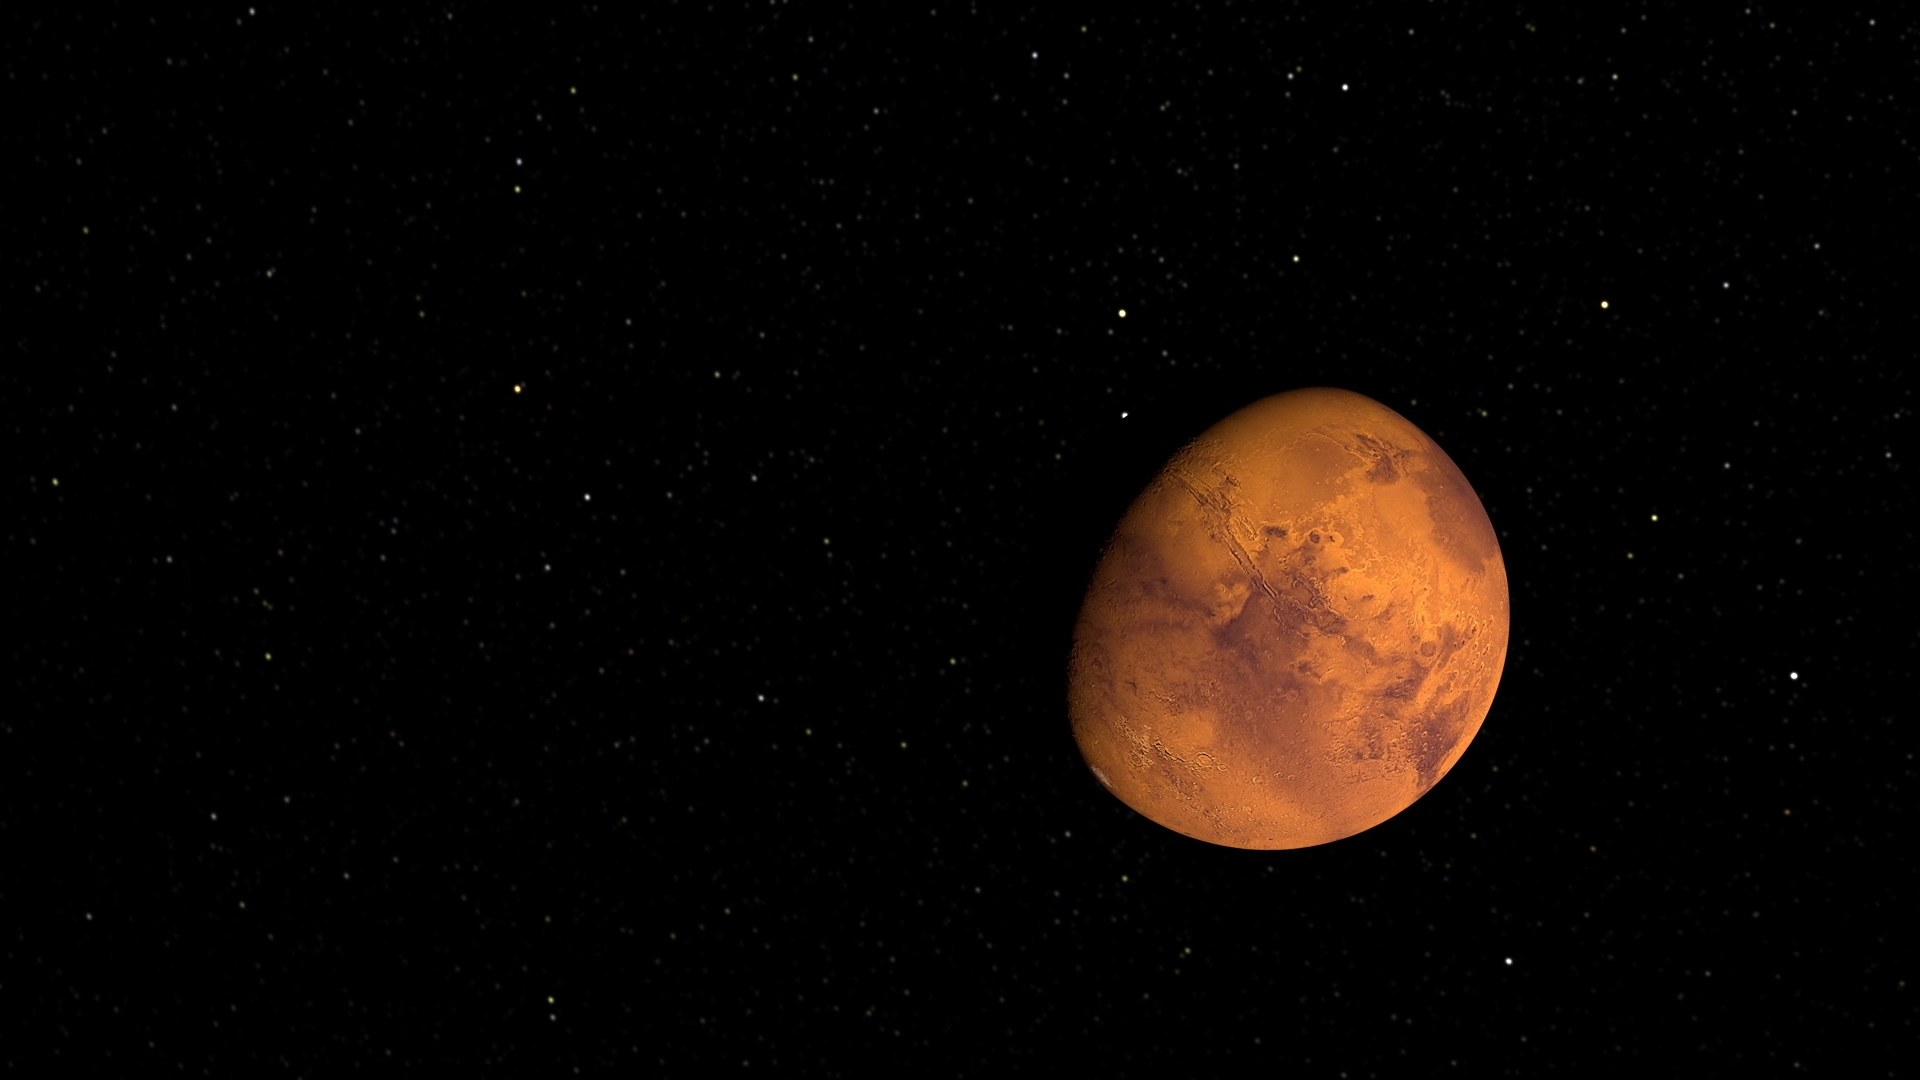 Είναι ο Άρης το επόμενο σπίτι μας; (vid)